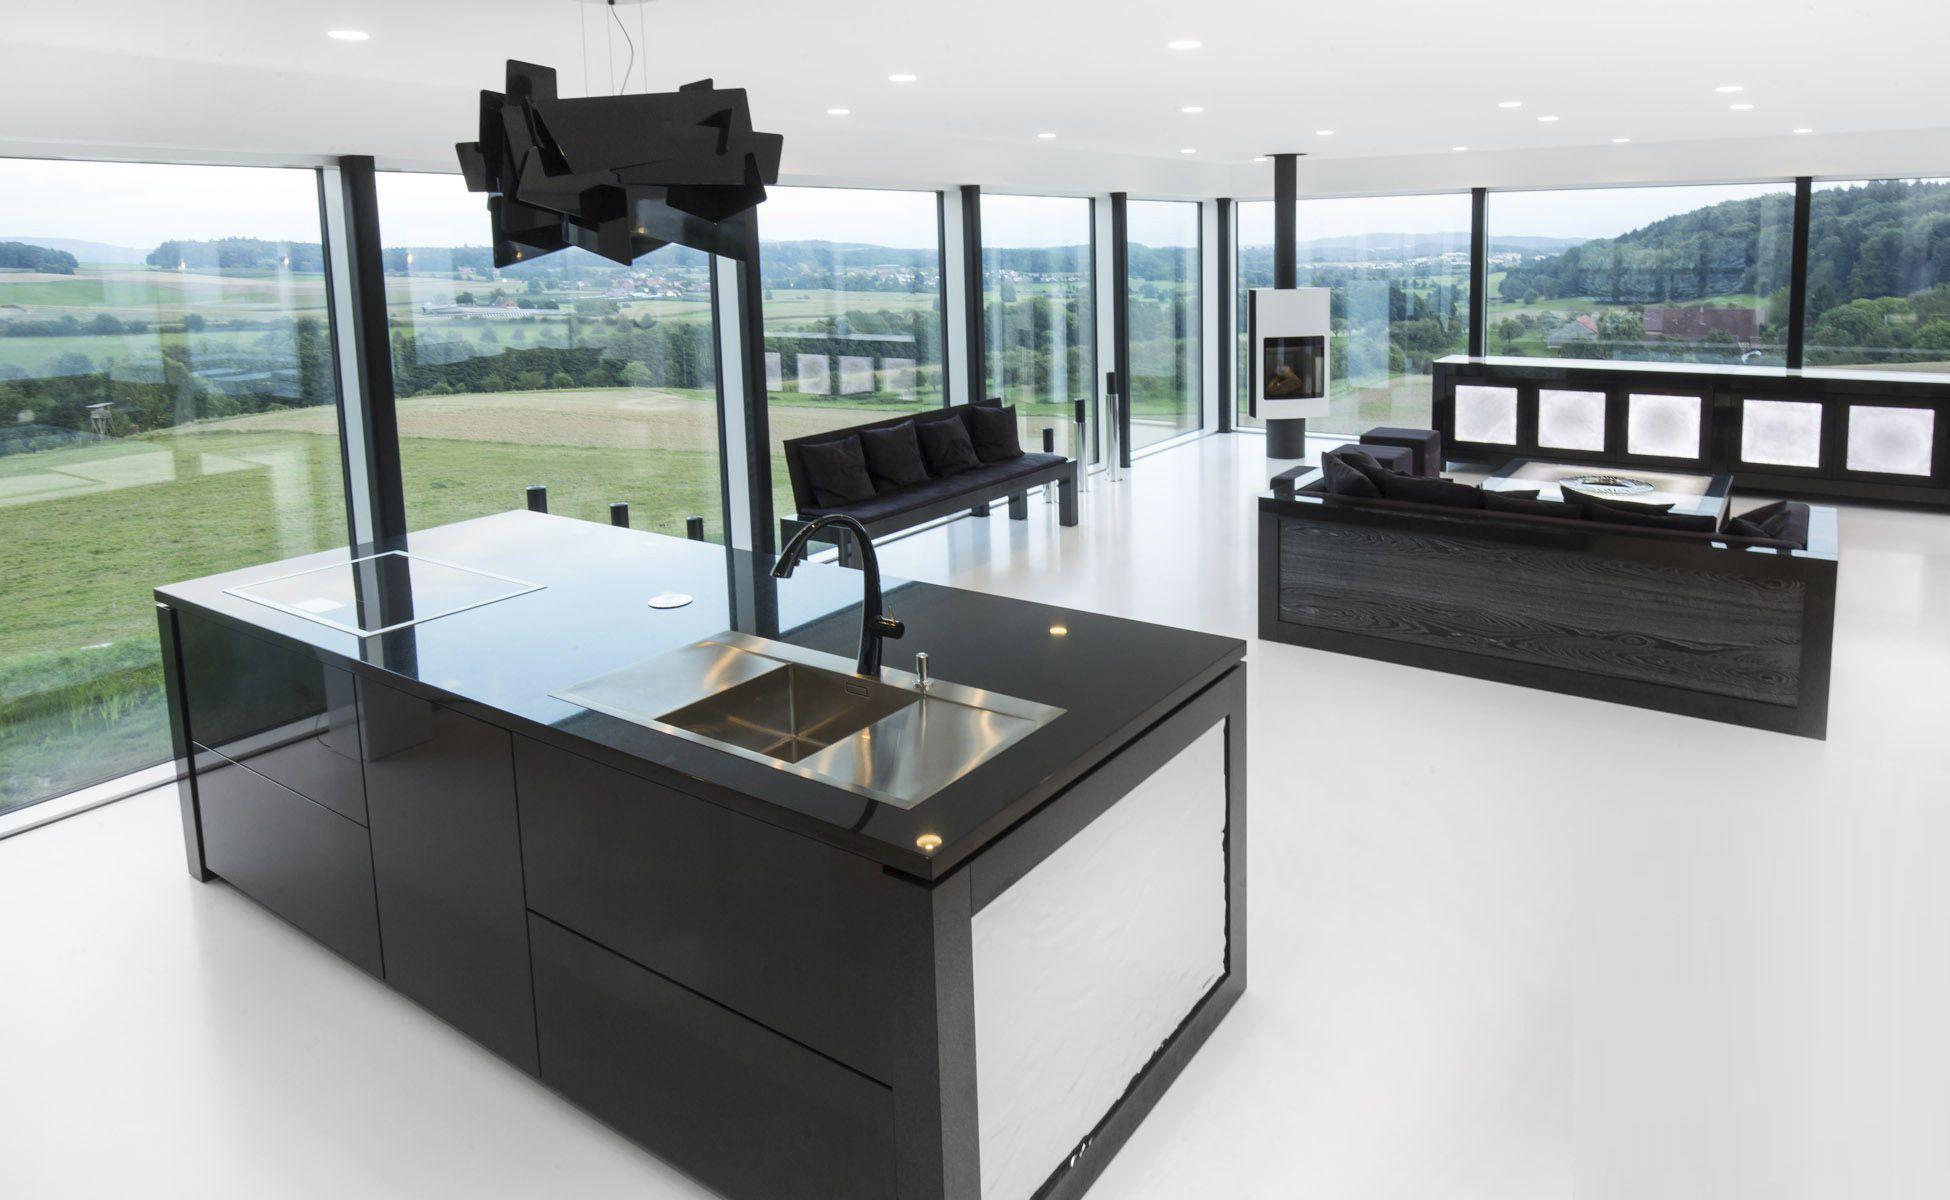 Berühmt Kücheninsel Designs Mit Waschbecken Und Sitz Fotos - Küchen ...